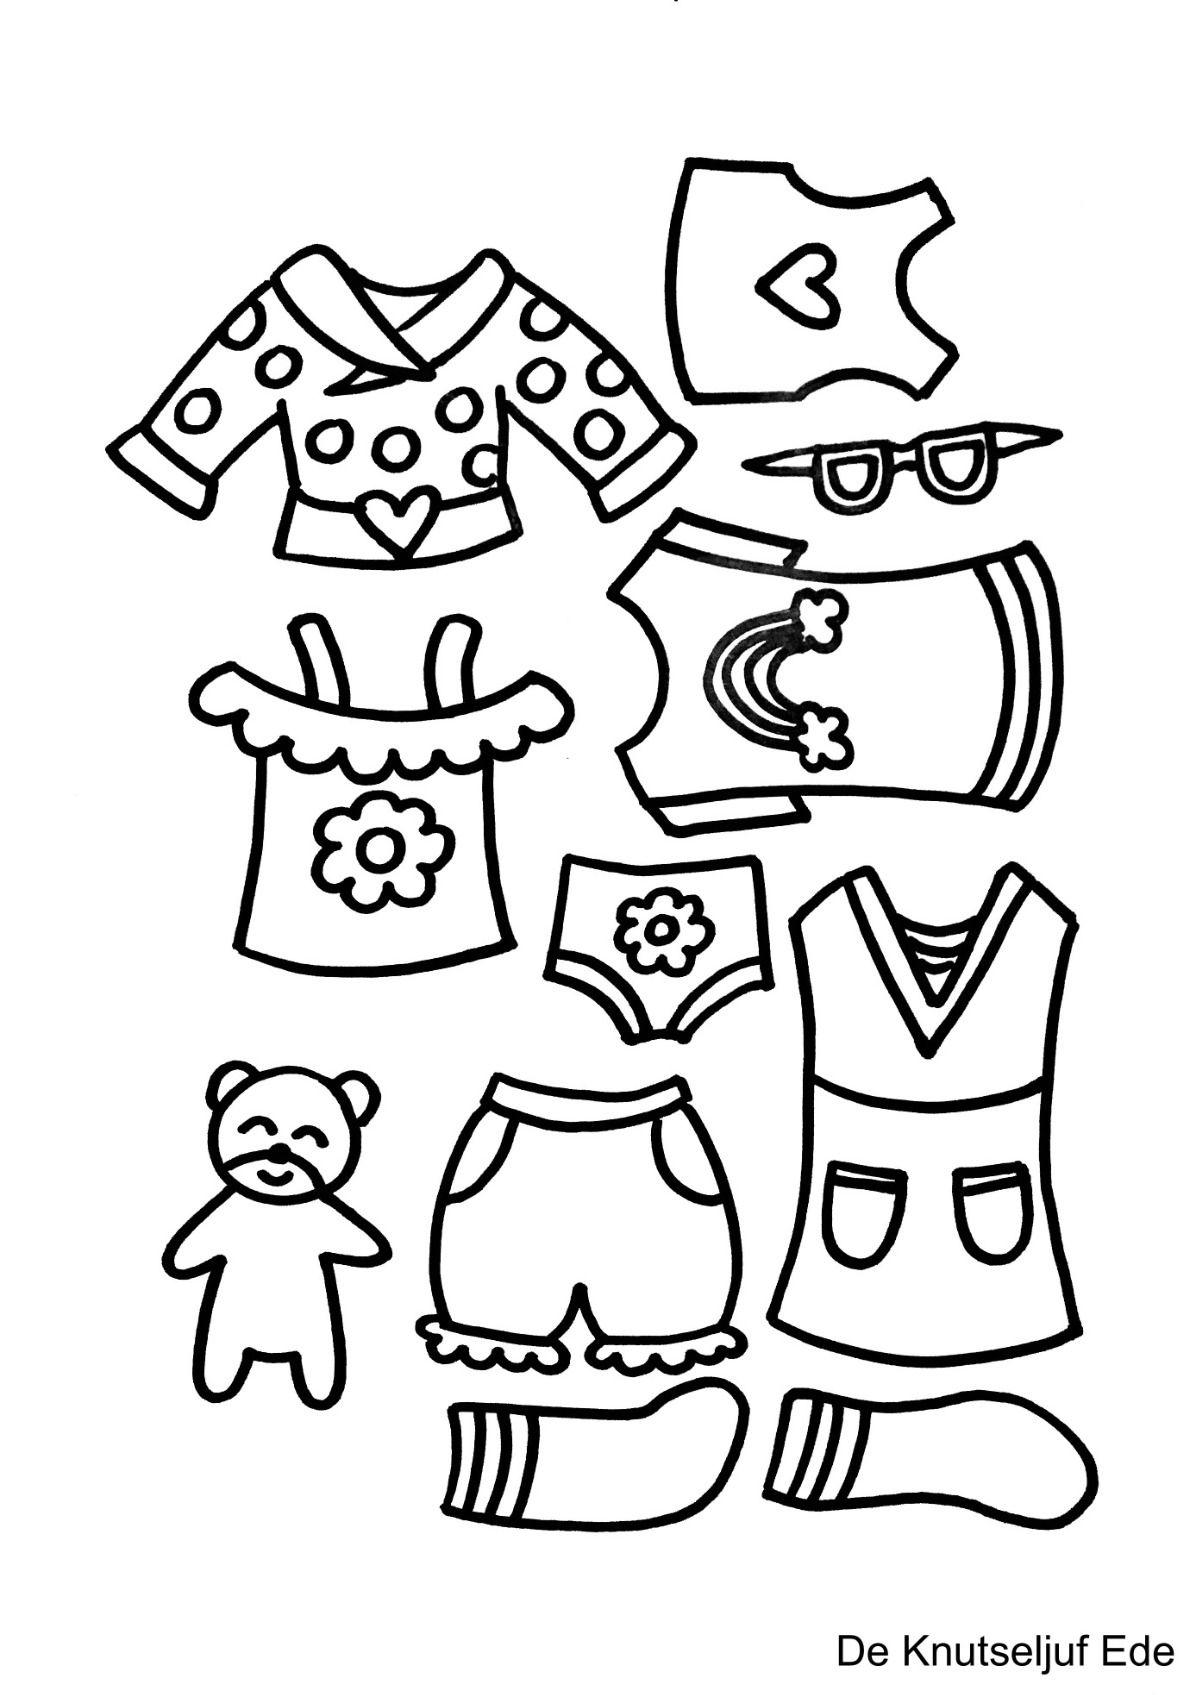 Kleurplaten Aankleedpop Aankleedpop Tinkering Knutselen Kleurplaten Fashion De Knutseljuf Ede Kleurplaten Jonge Kinderen Voor Kinderen